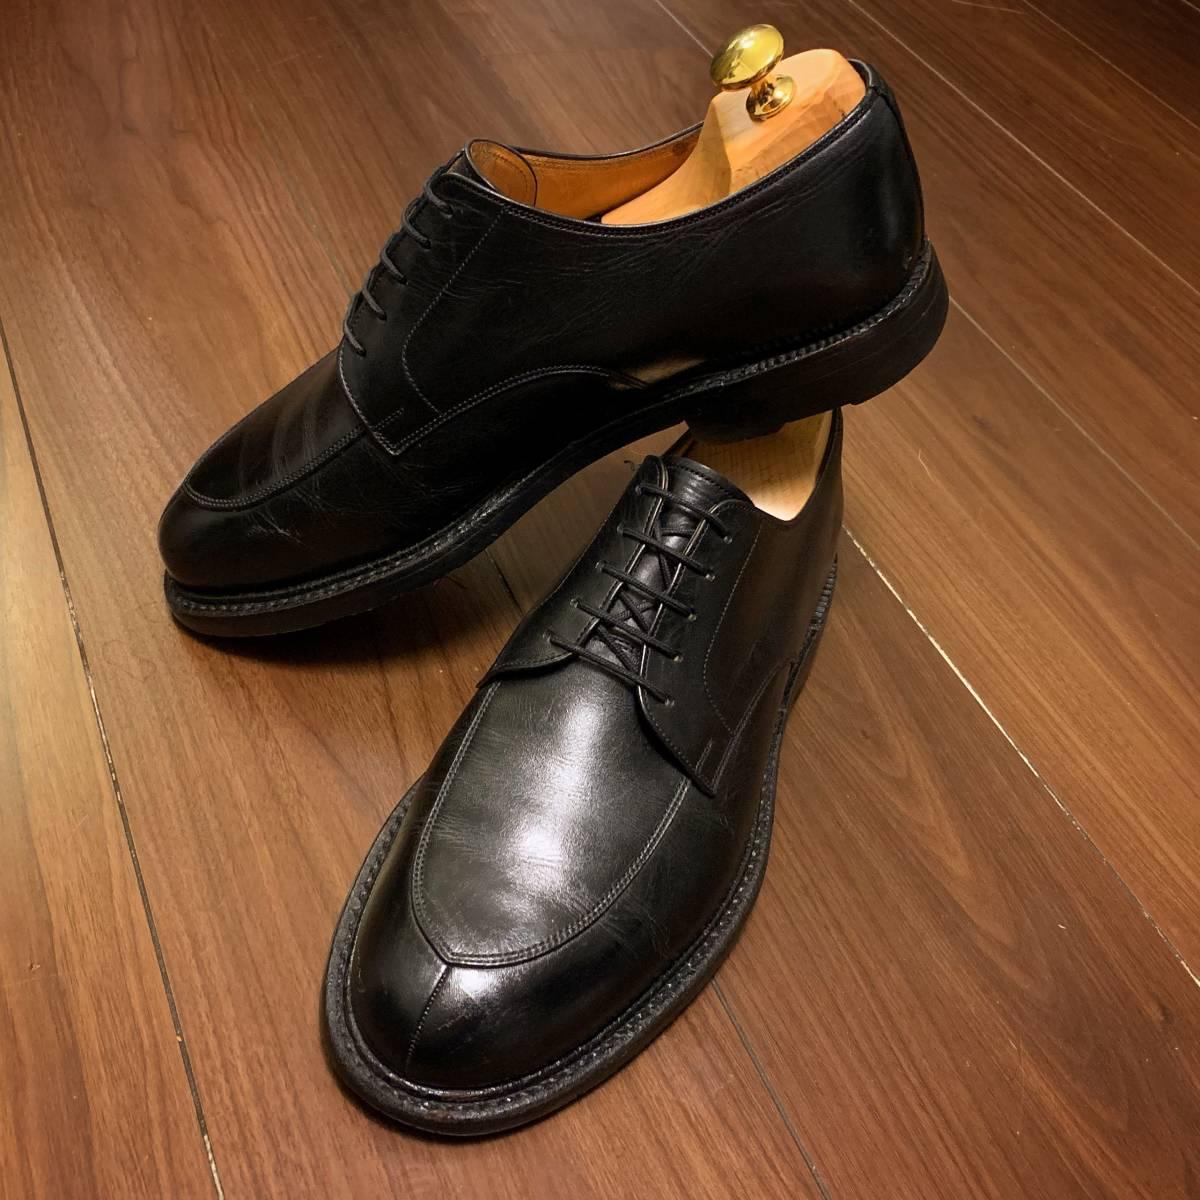 日本製高級紳士靴SCOTCH GRAINスコッチグレインVチップダービー匠グッドイヤーウェルト製法◆大人の本格ビジネスシューズ